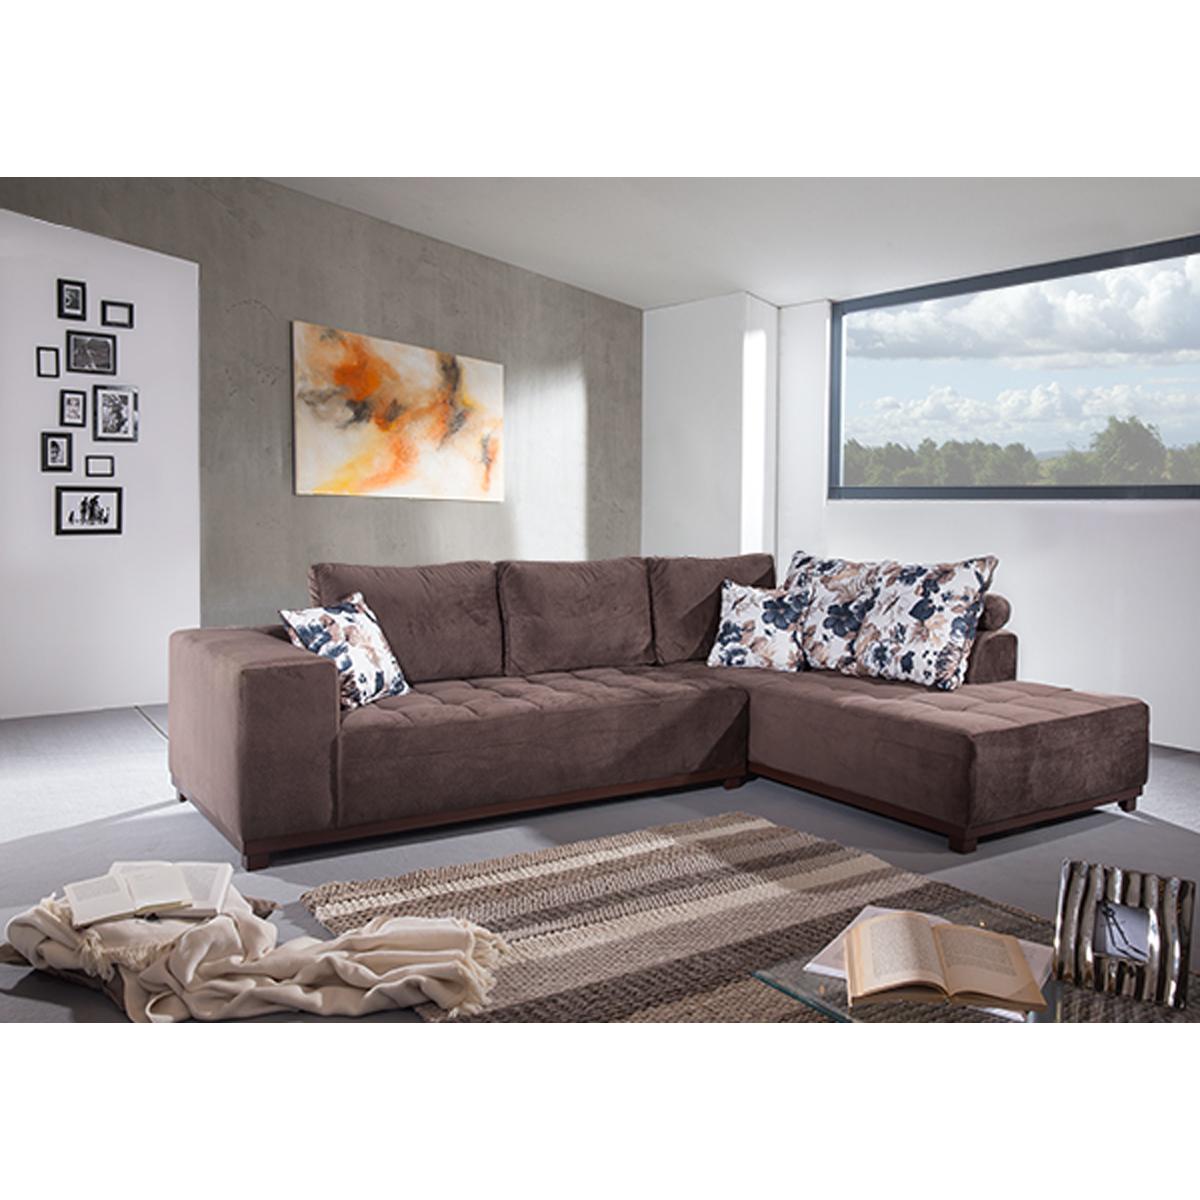 marseille eckgarnitur mit attraktiver steppung moebel. Black Bedroom Furniture Sets. Home Design Ideas